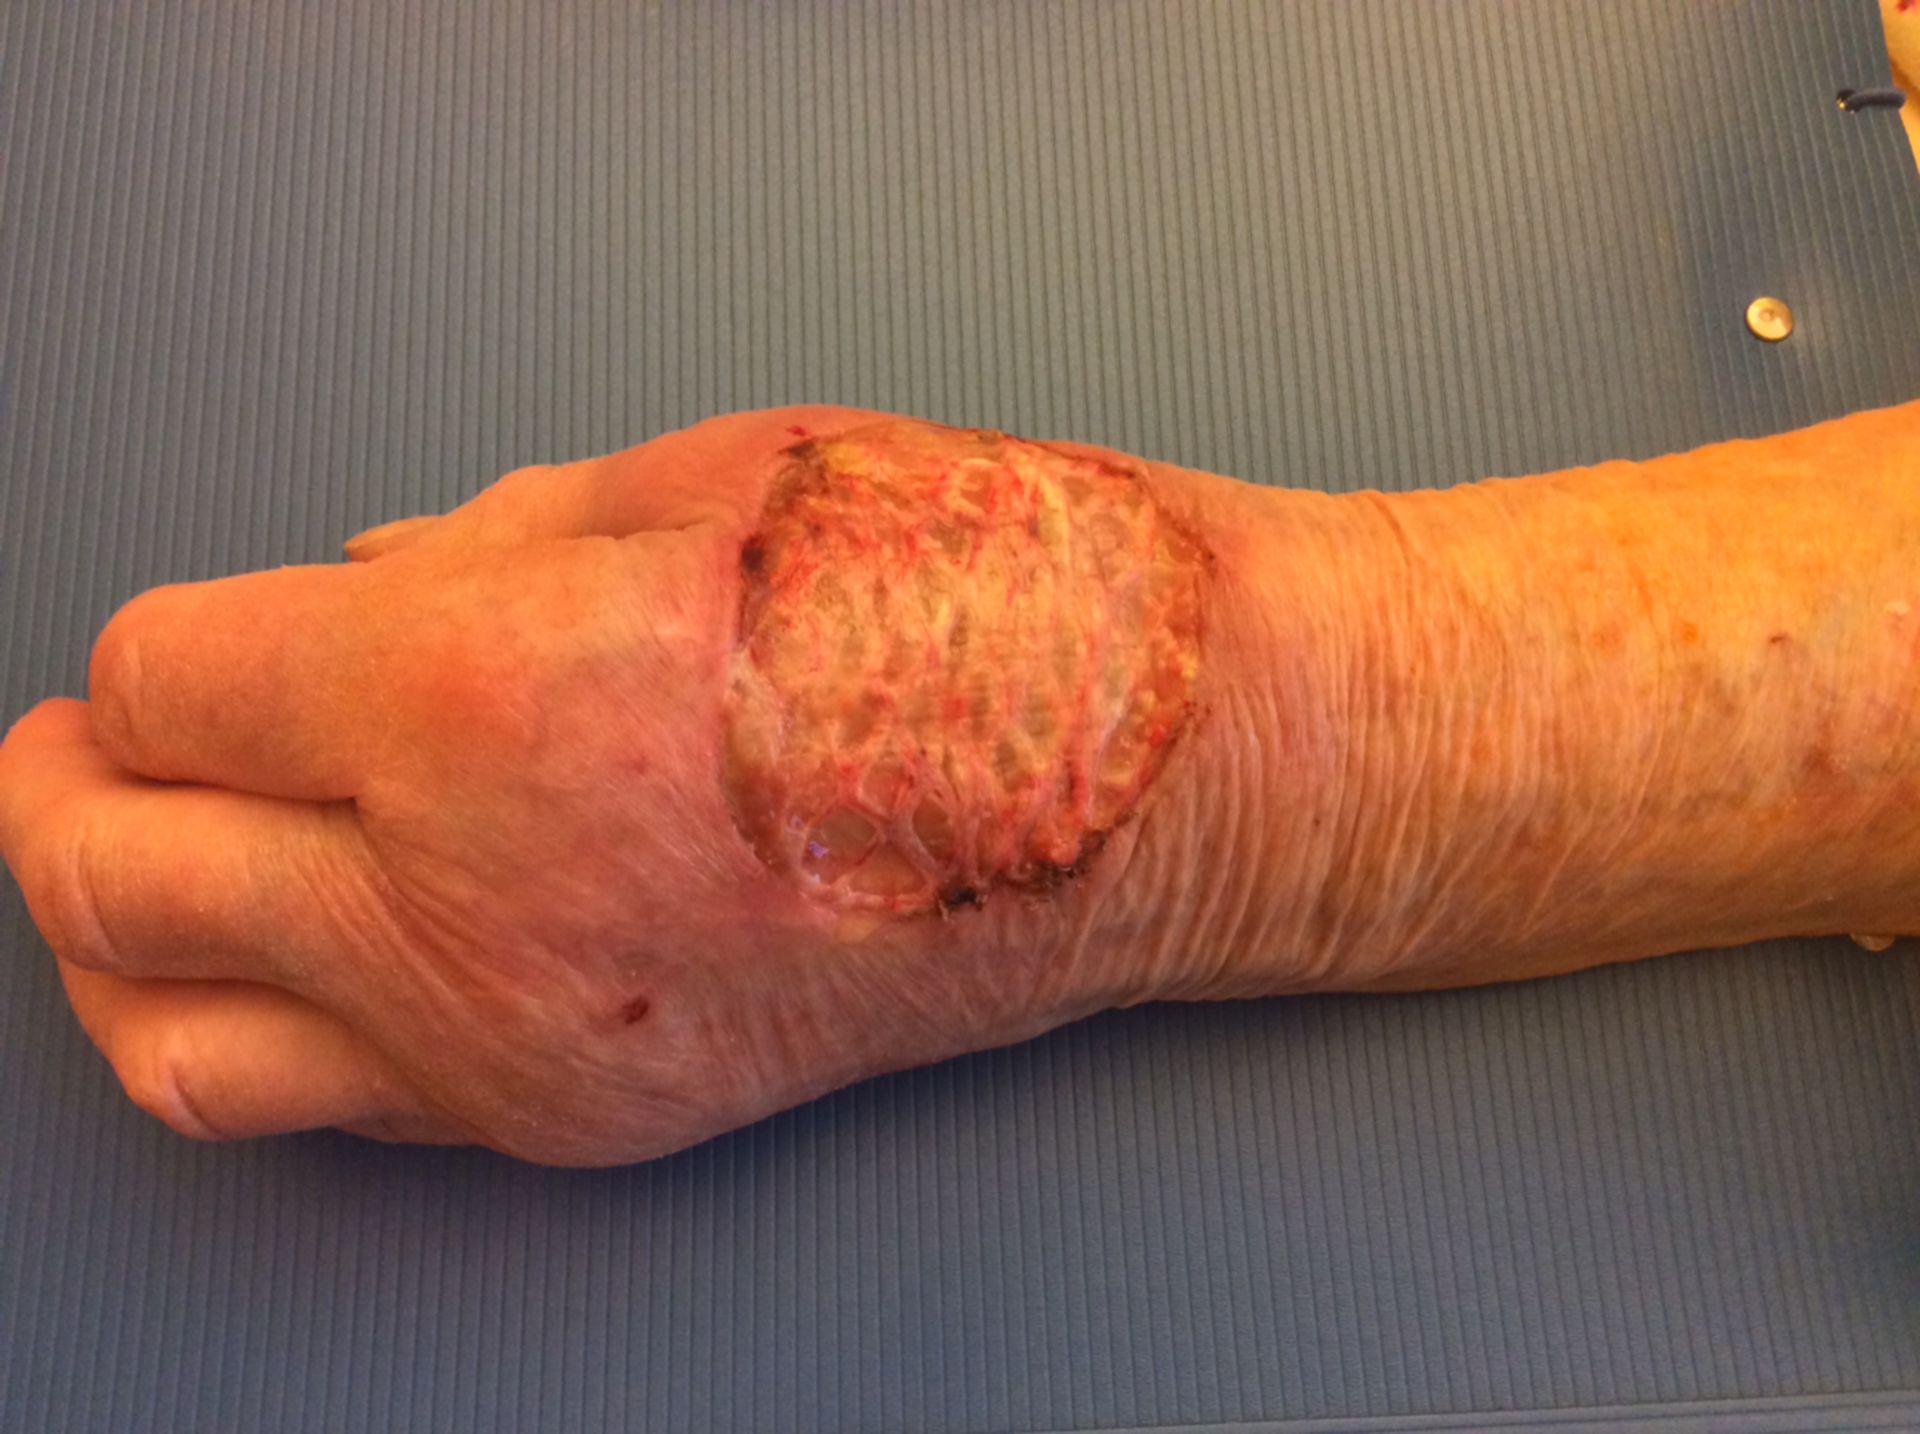 Tumore della mano